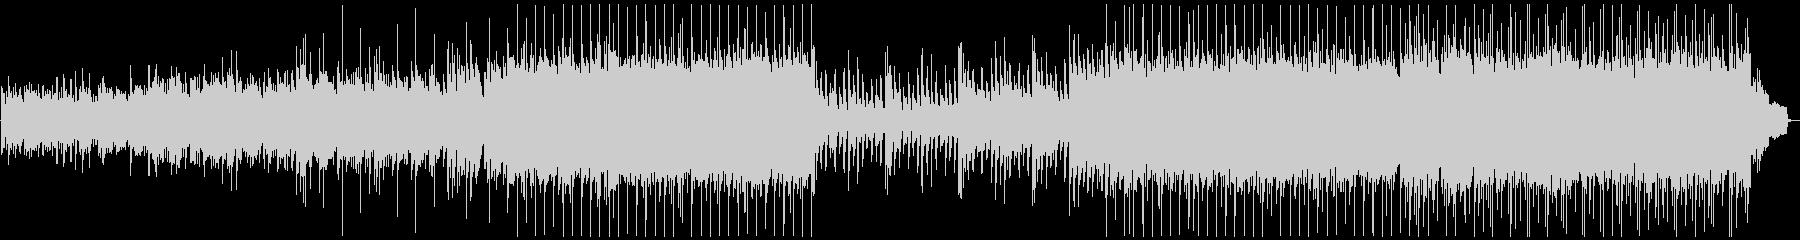 ほのぼのと温かい癒されるピアノジングルの未再生の波形